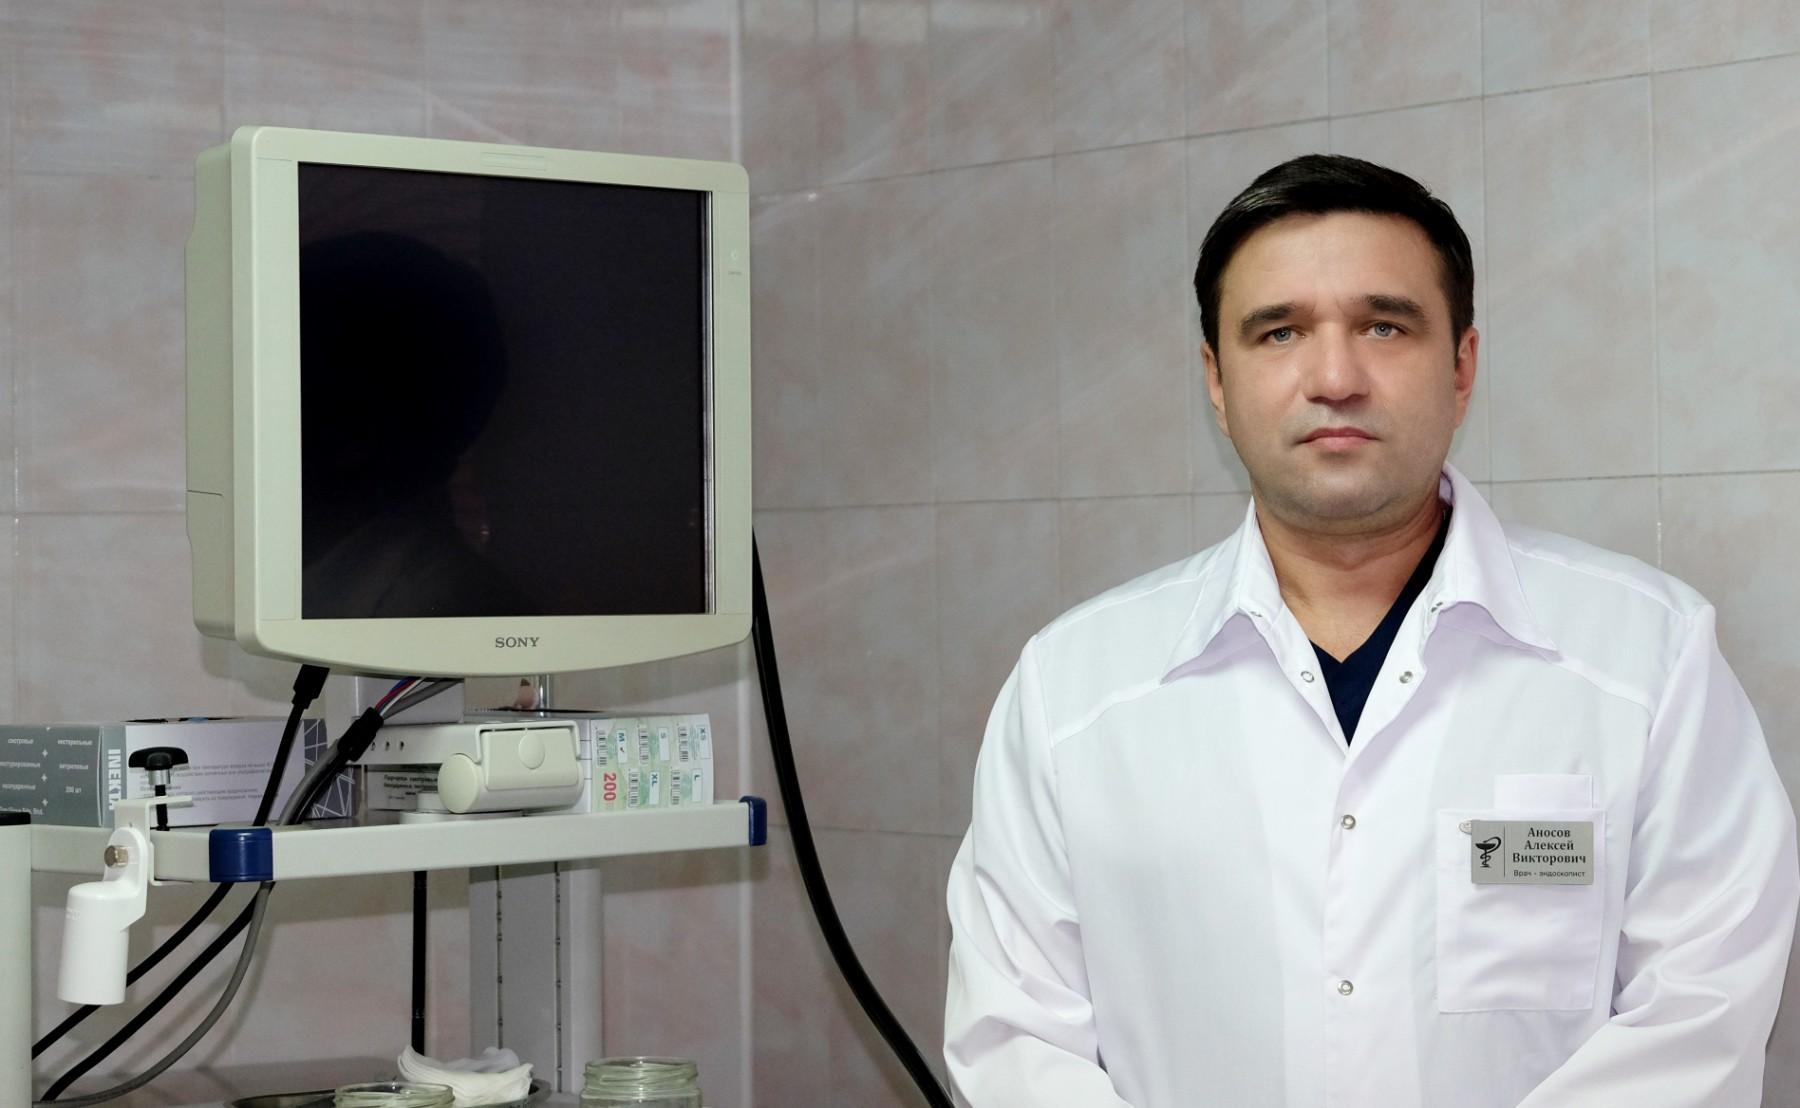 Более 1 200 исследований ЭГДС выполнено в больнице Тюмени за год 1